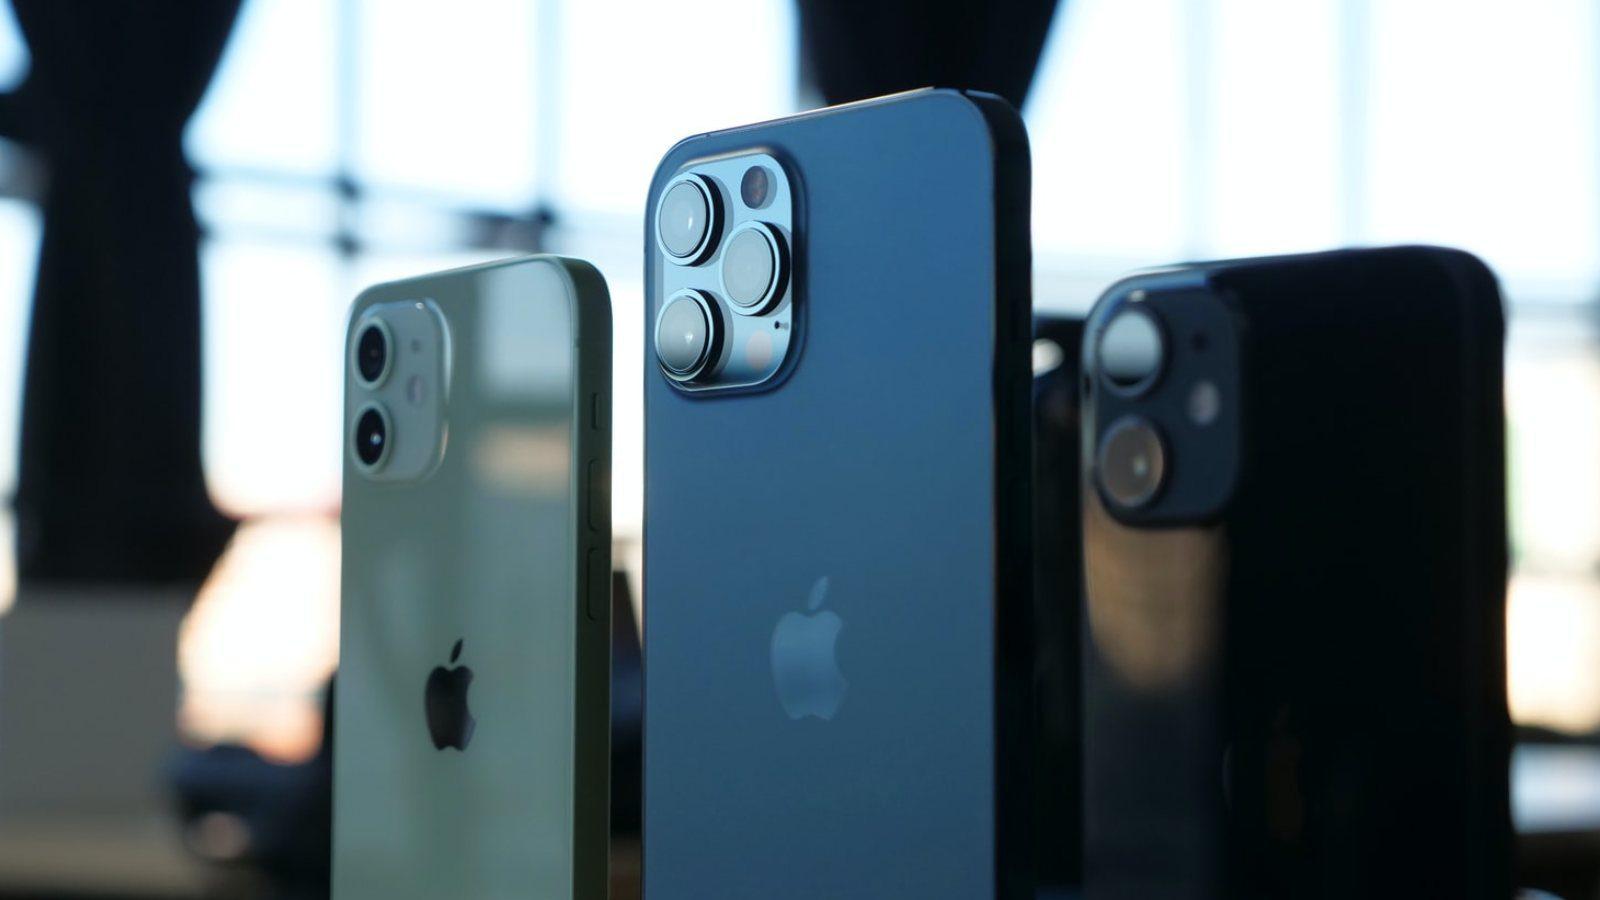 iPhone Consumer